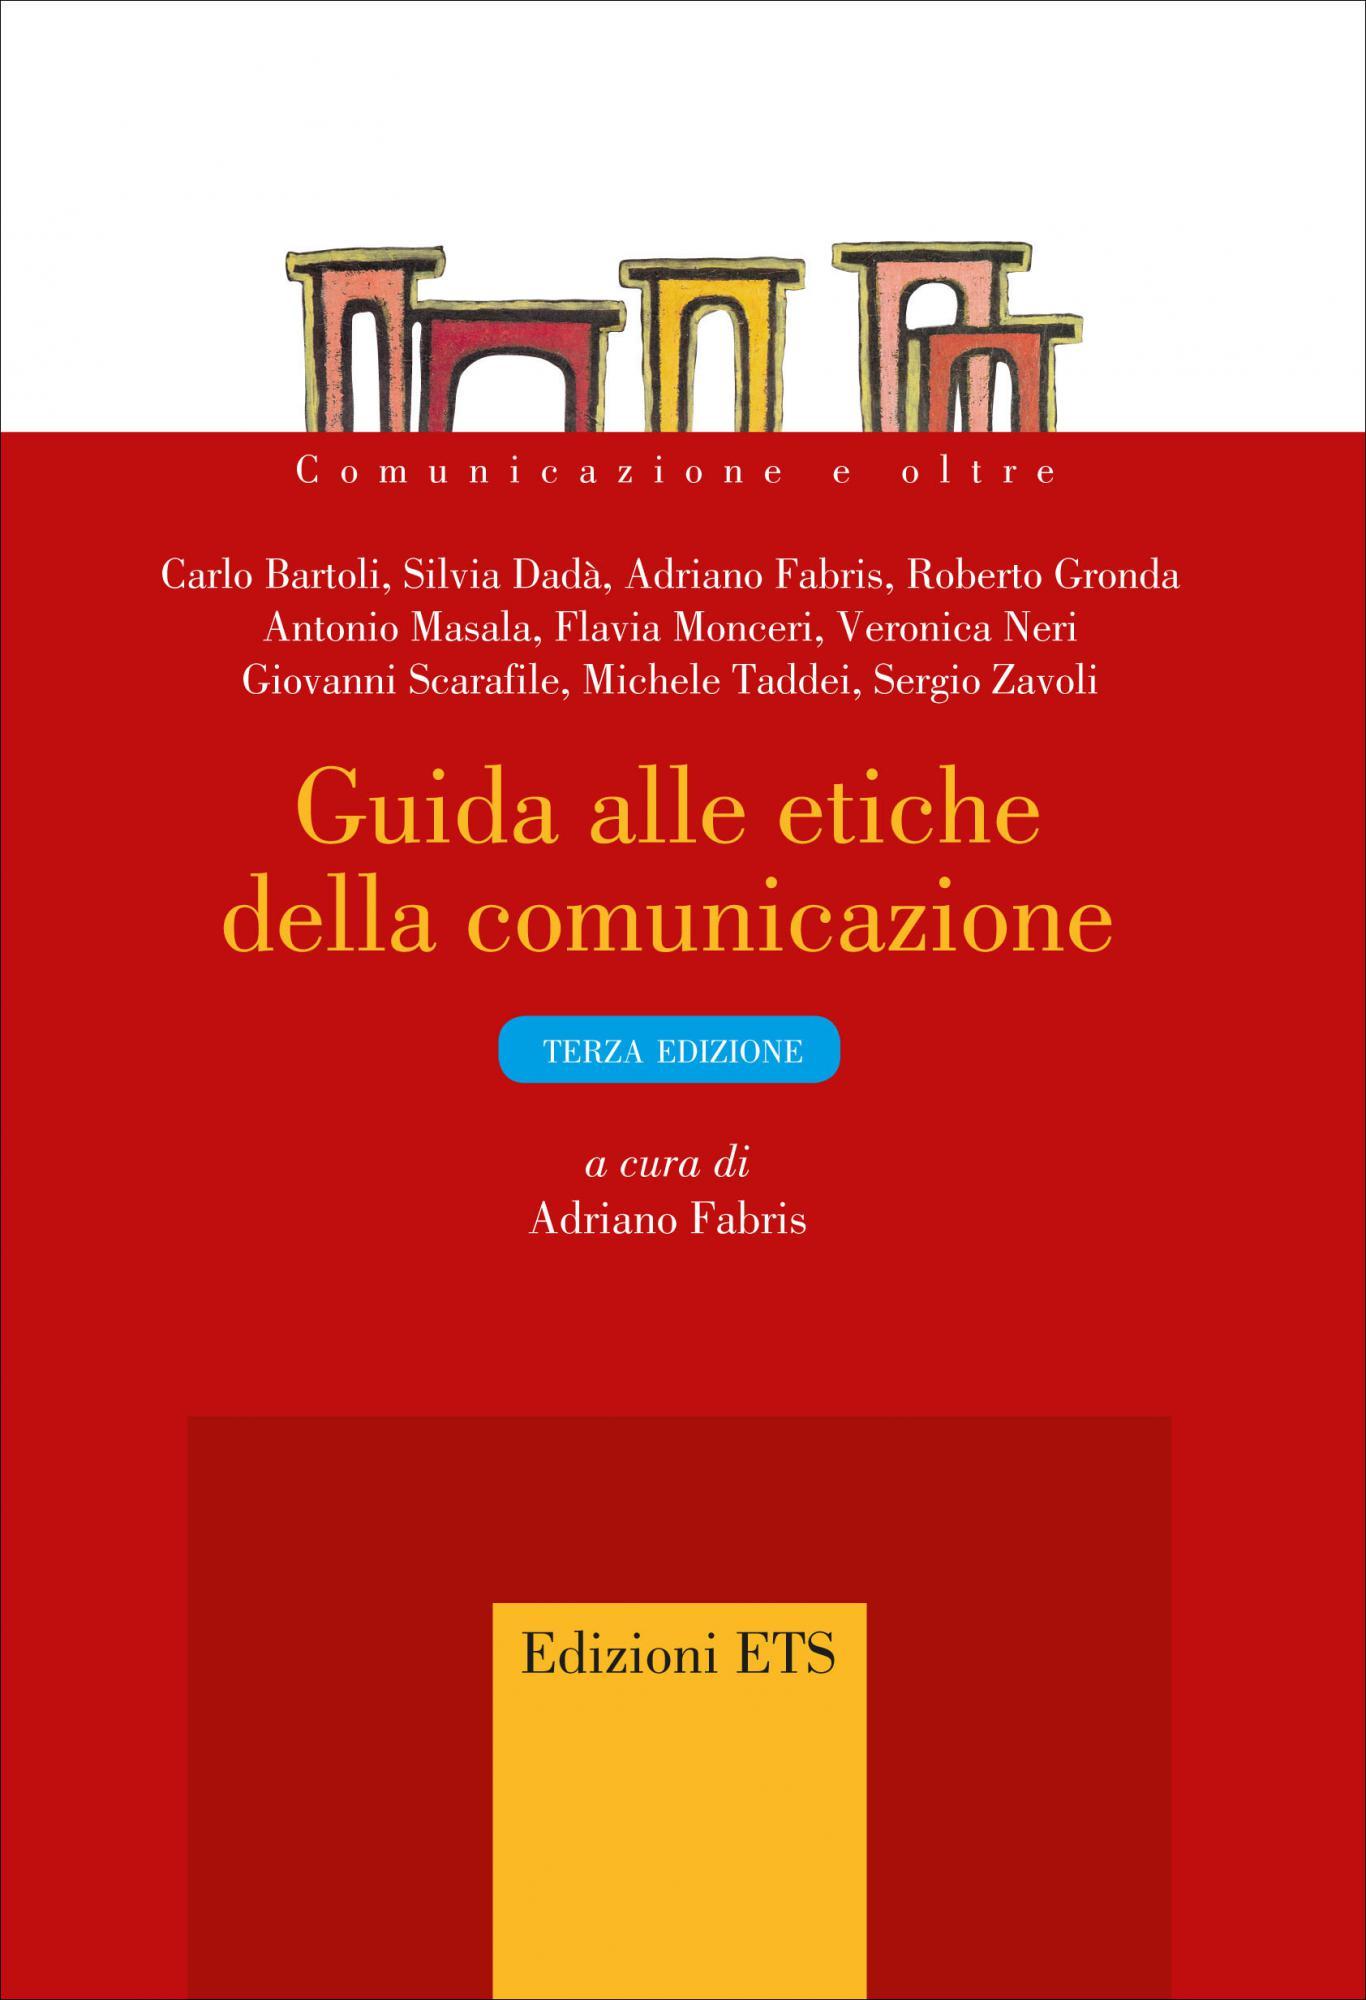 Guida alle etiche della comunicazione.<i>terza edizione</i>